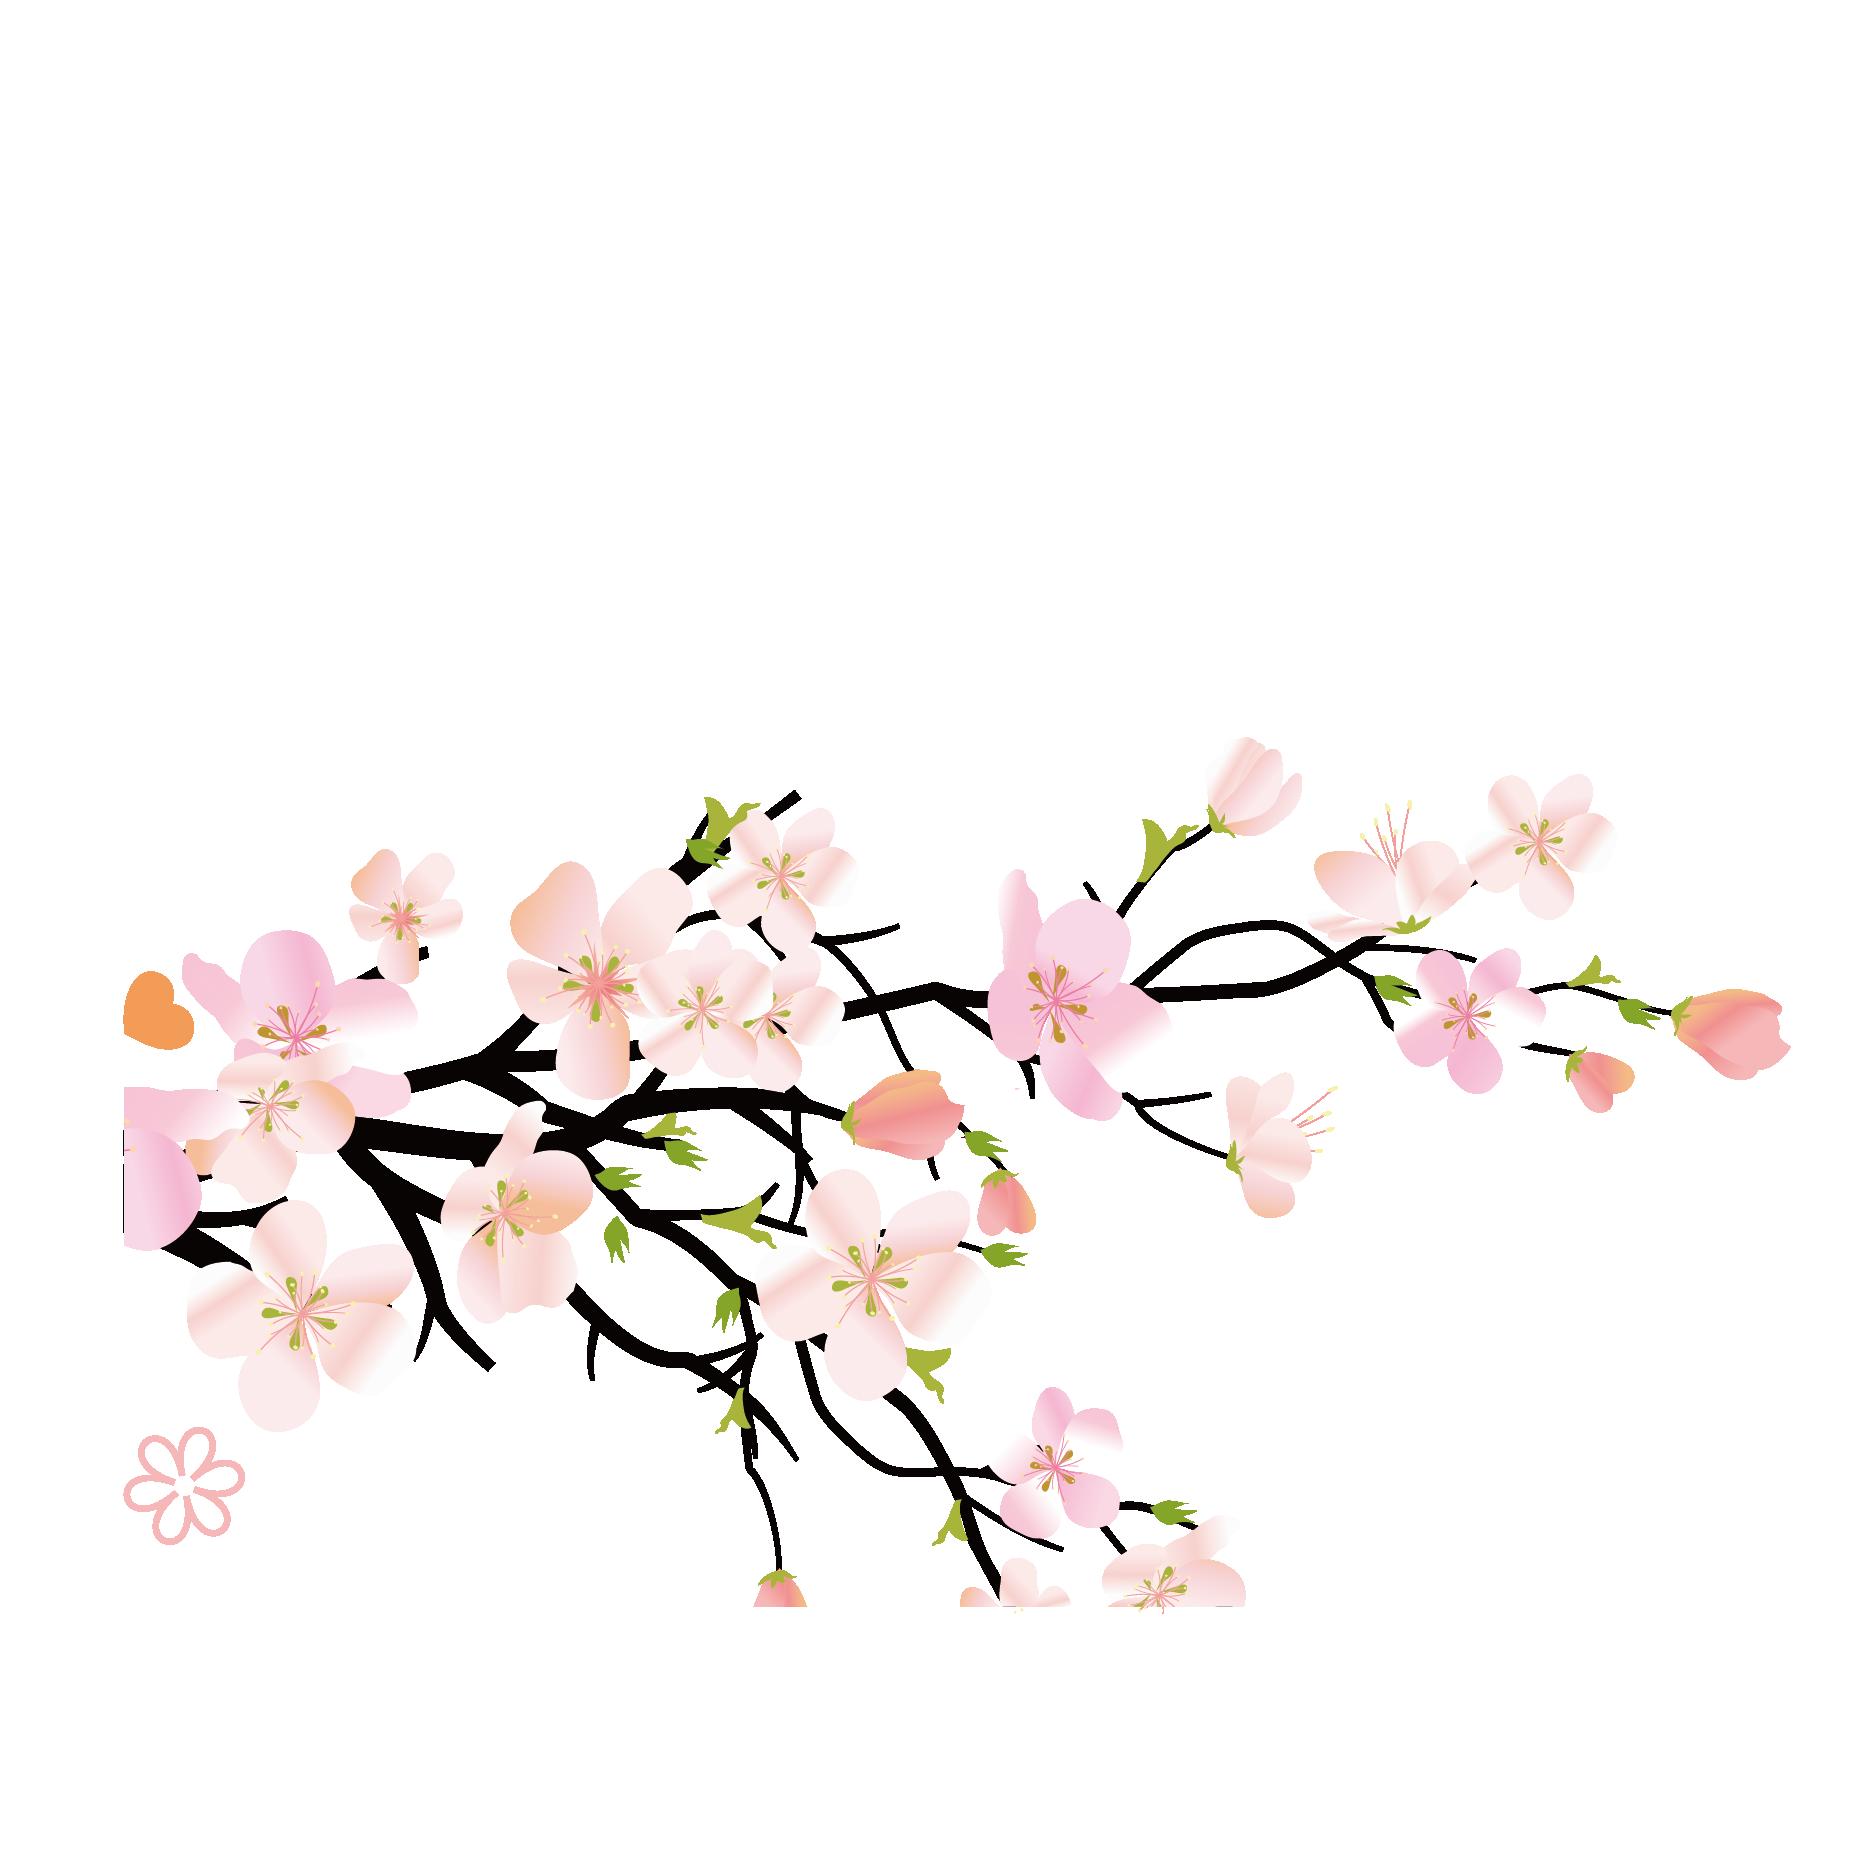 Ảnh nhánh hoa đào PNG đẹp